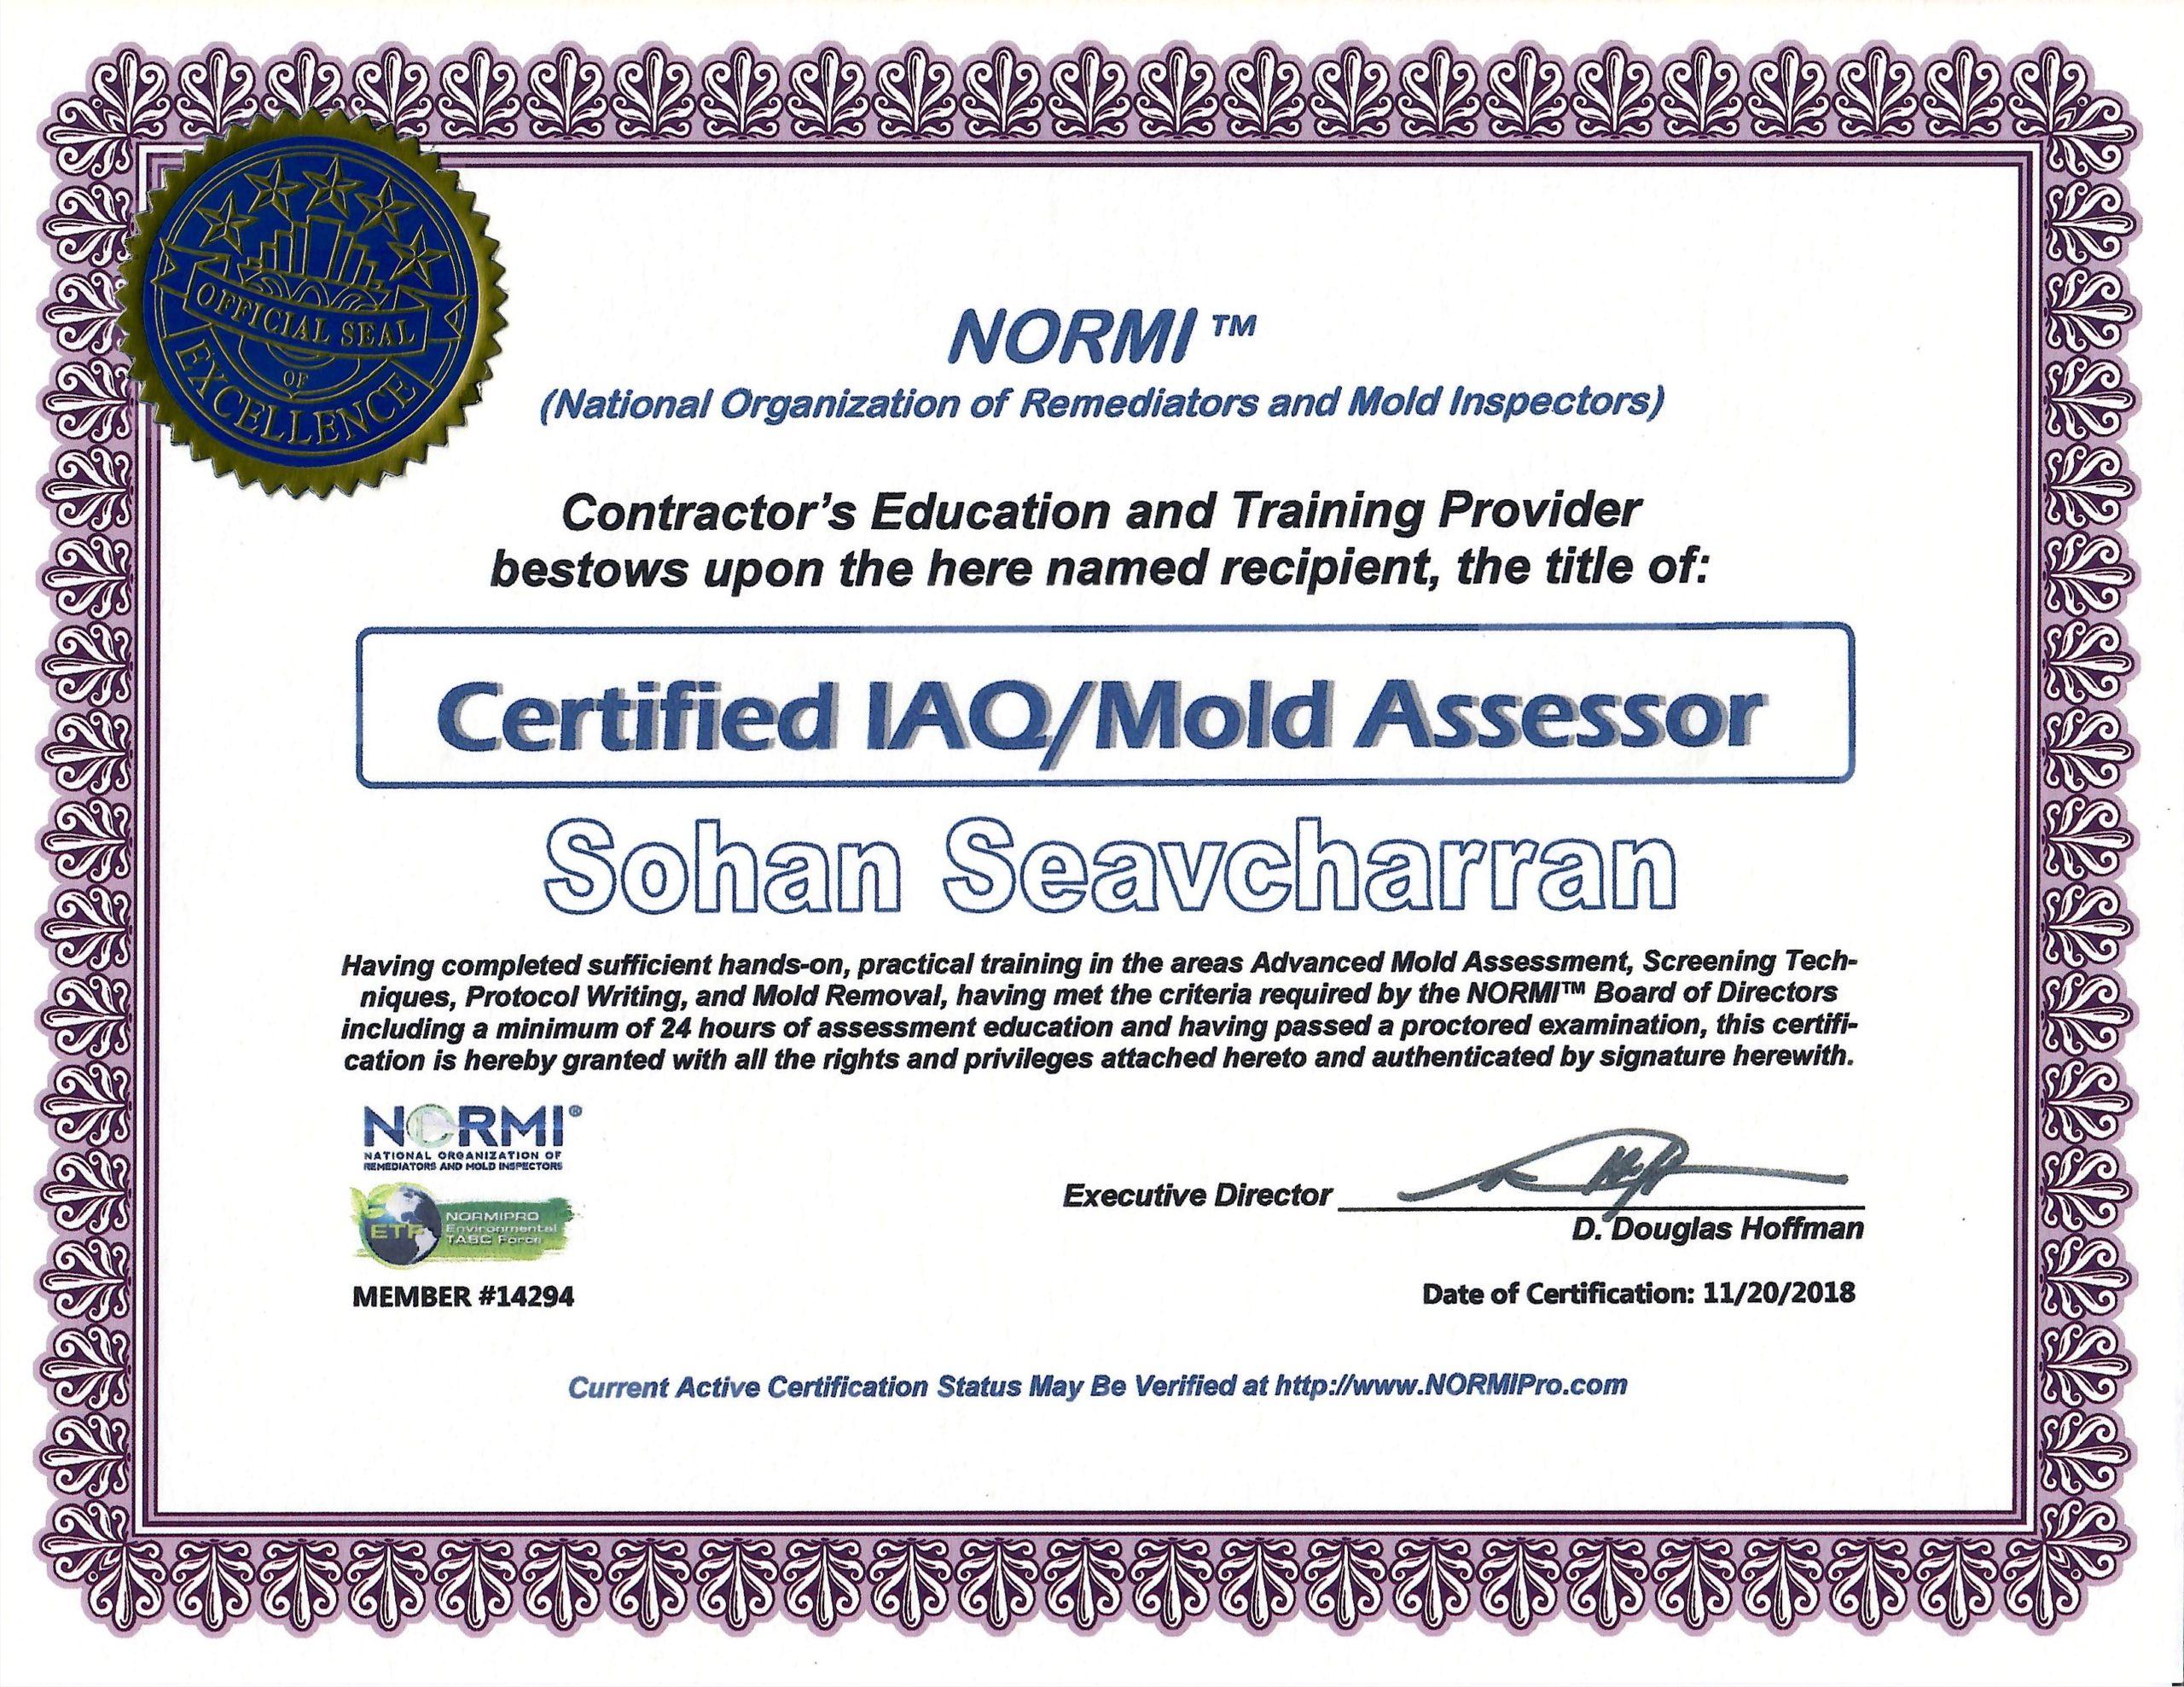 NORMI CMA jpg file